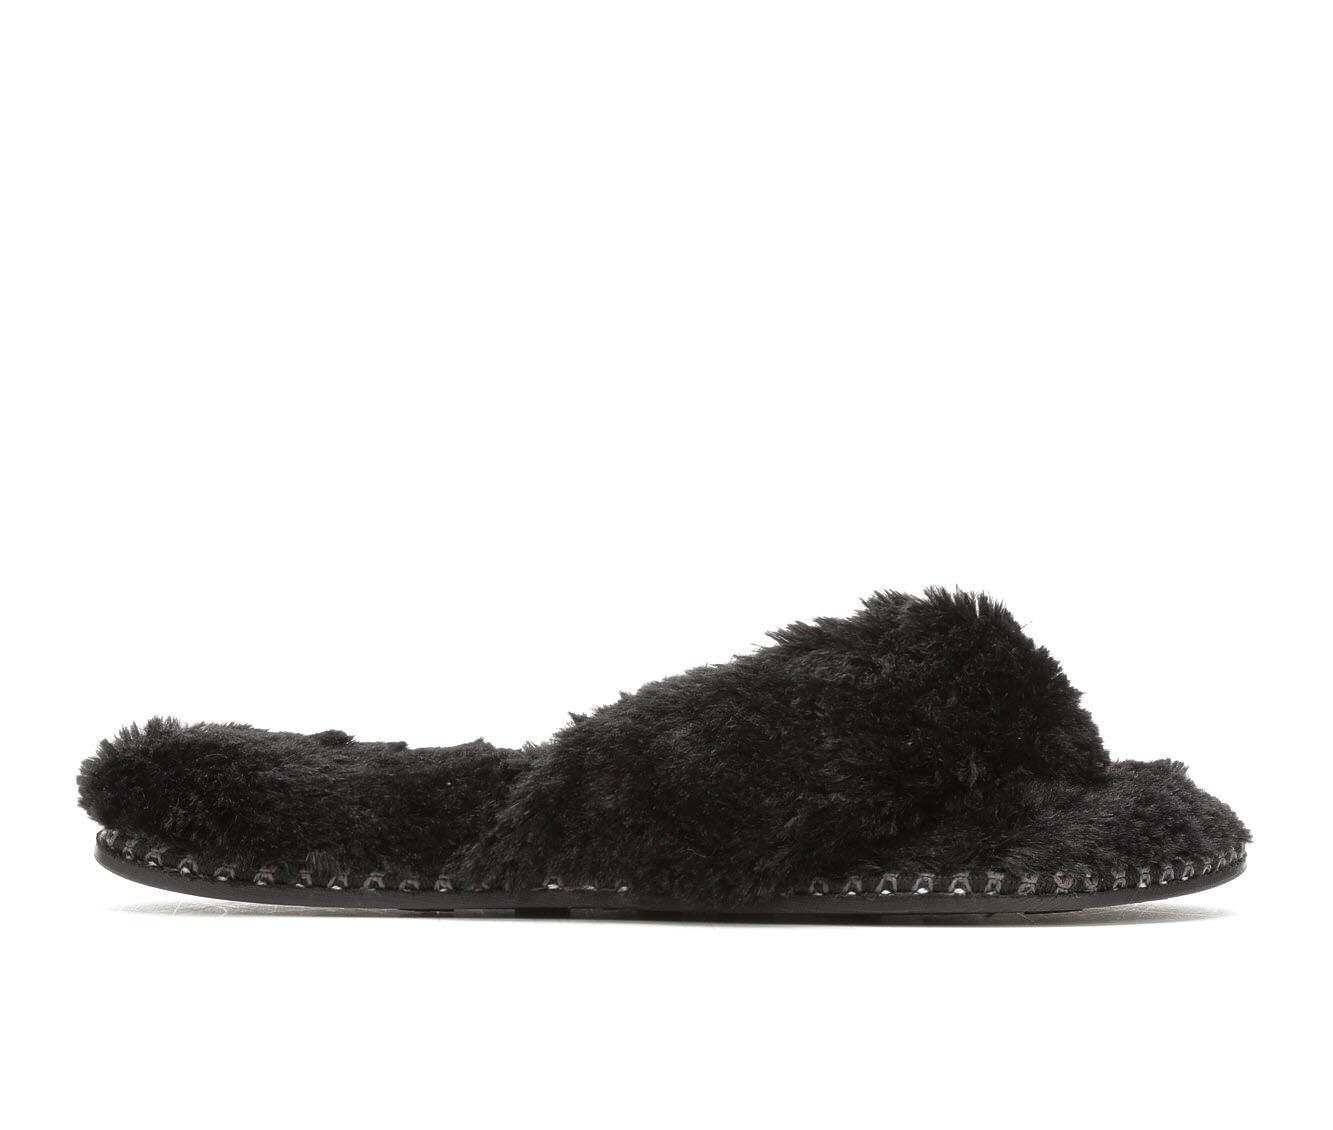 Dearfoams Pile Thong Woven Black